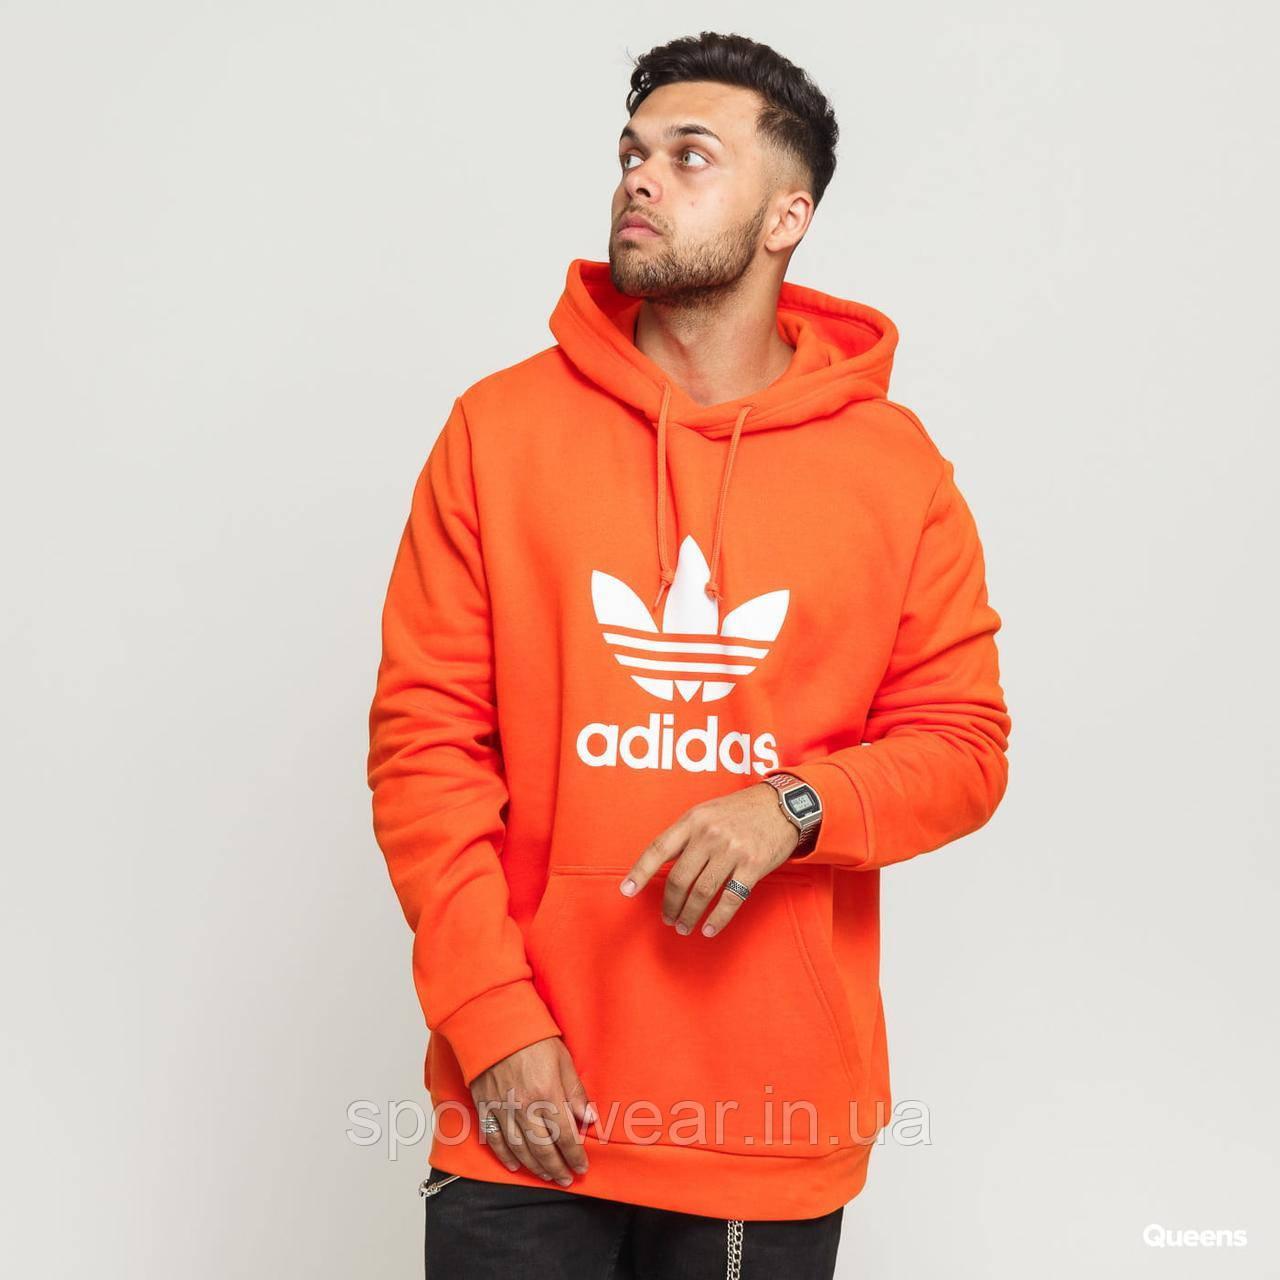 Худі Adidas Old School помаранчеве з логотипом, унісекс (чоловіче, жіноче, дитяче)